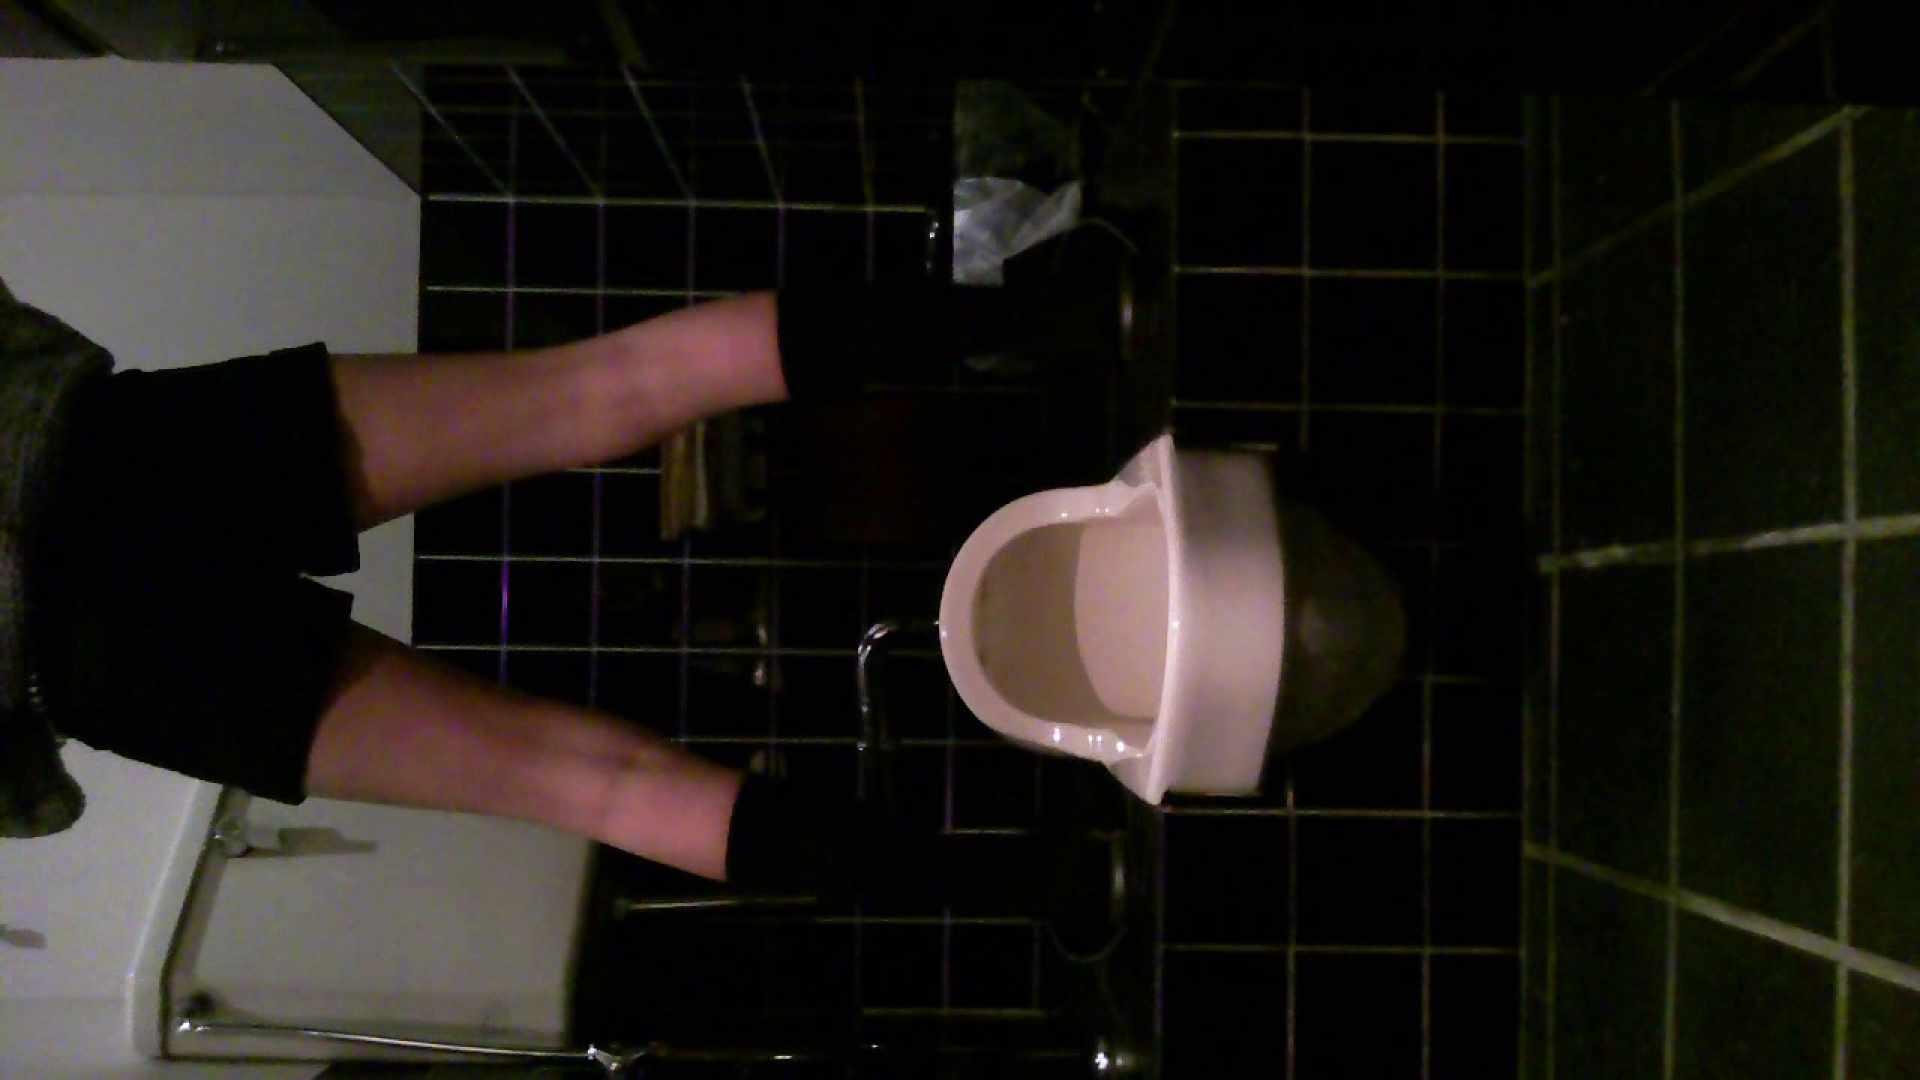 美女の集まる飲み屋洗面所 vol.02 OLセックス | ぱっくり下半身  110画像 61